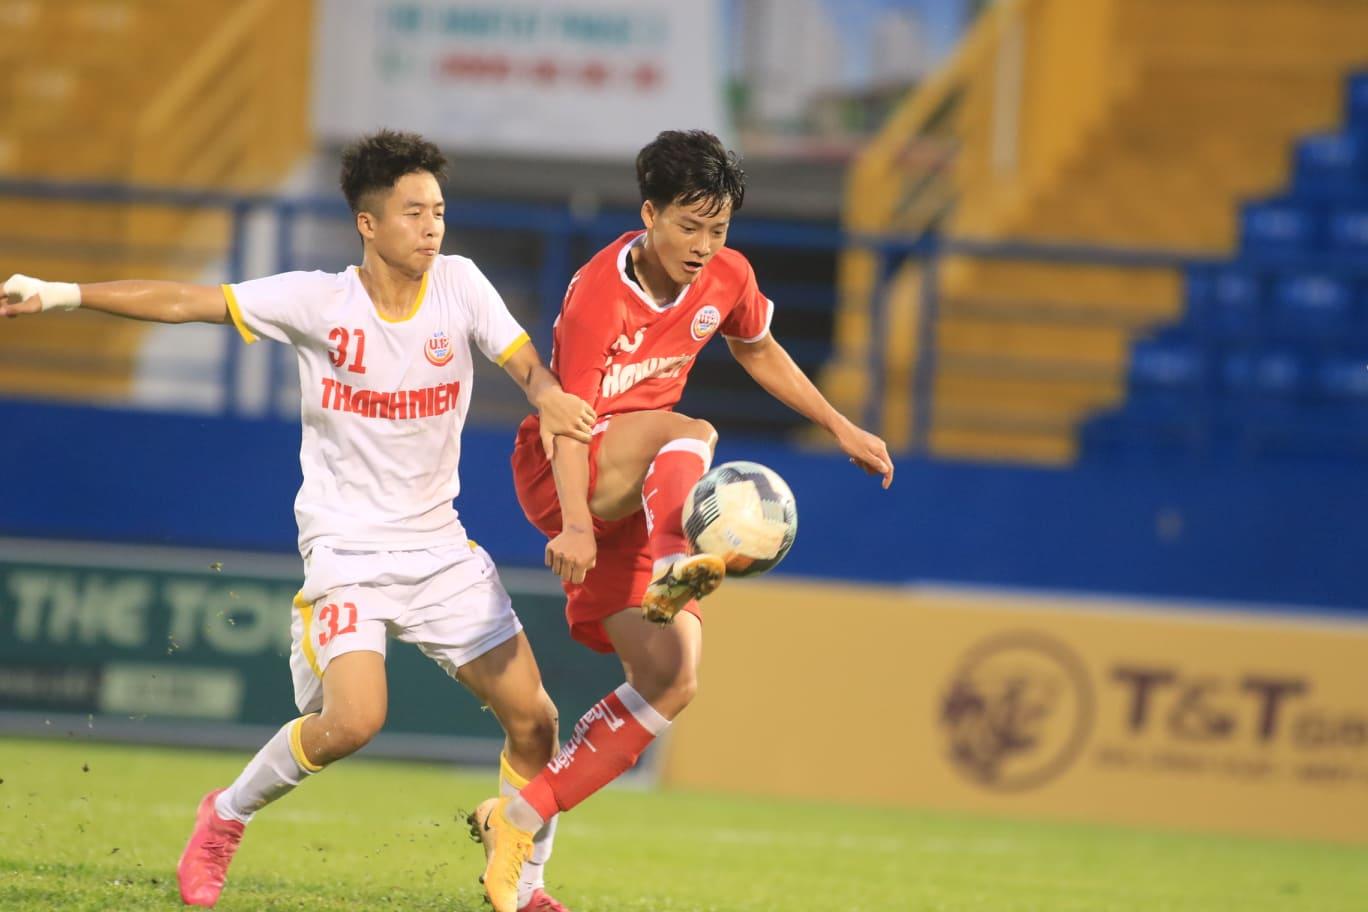 Thanh Nhàn có thể bước ra ánh sáng từ VCK U19 QG 2021 với cú hat-trick ở chung kết. Ảnh: Anh Đồng